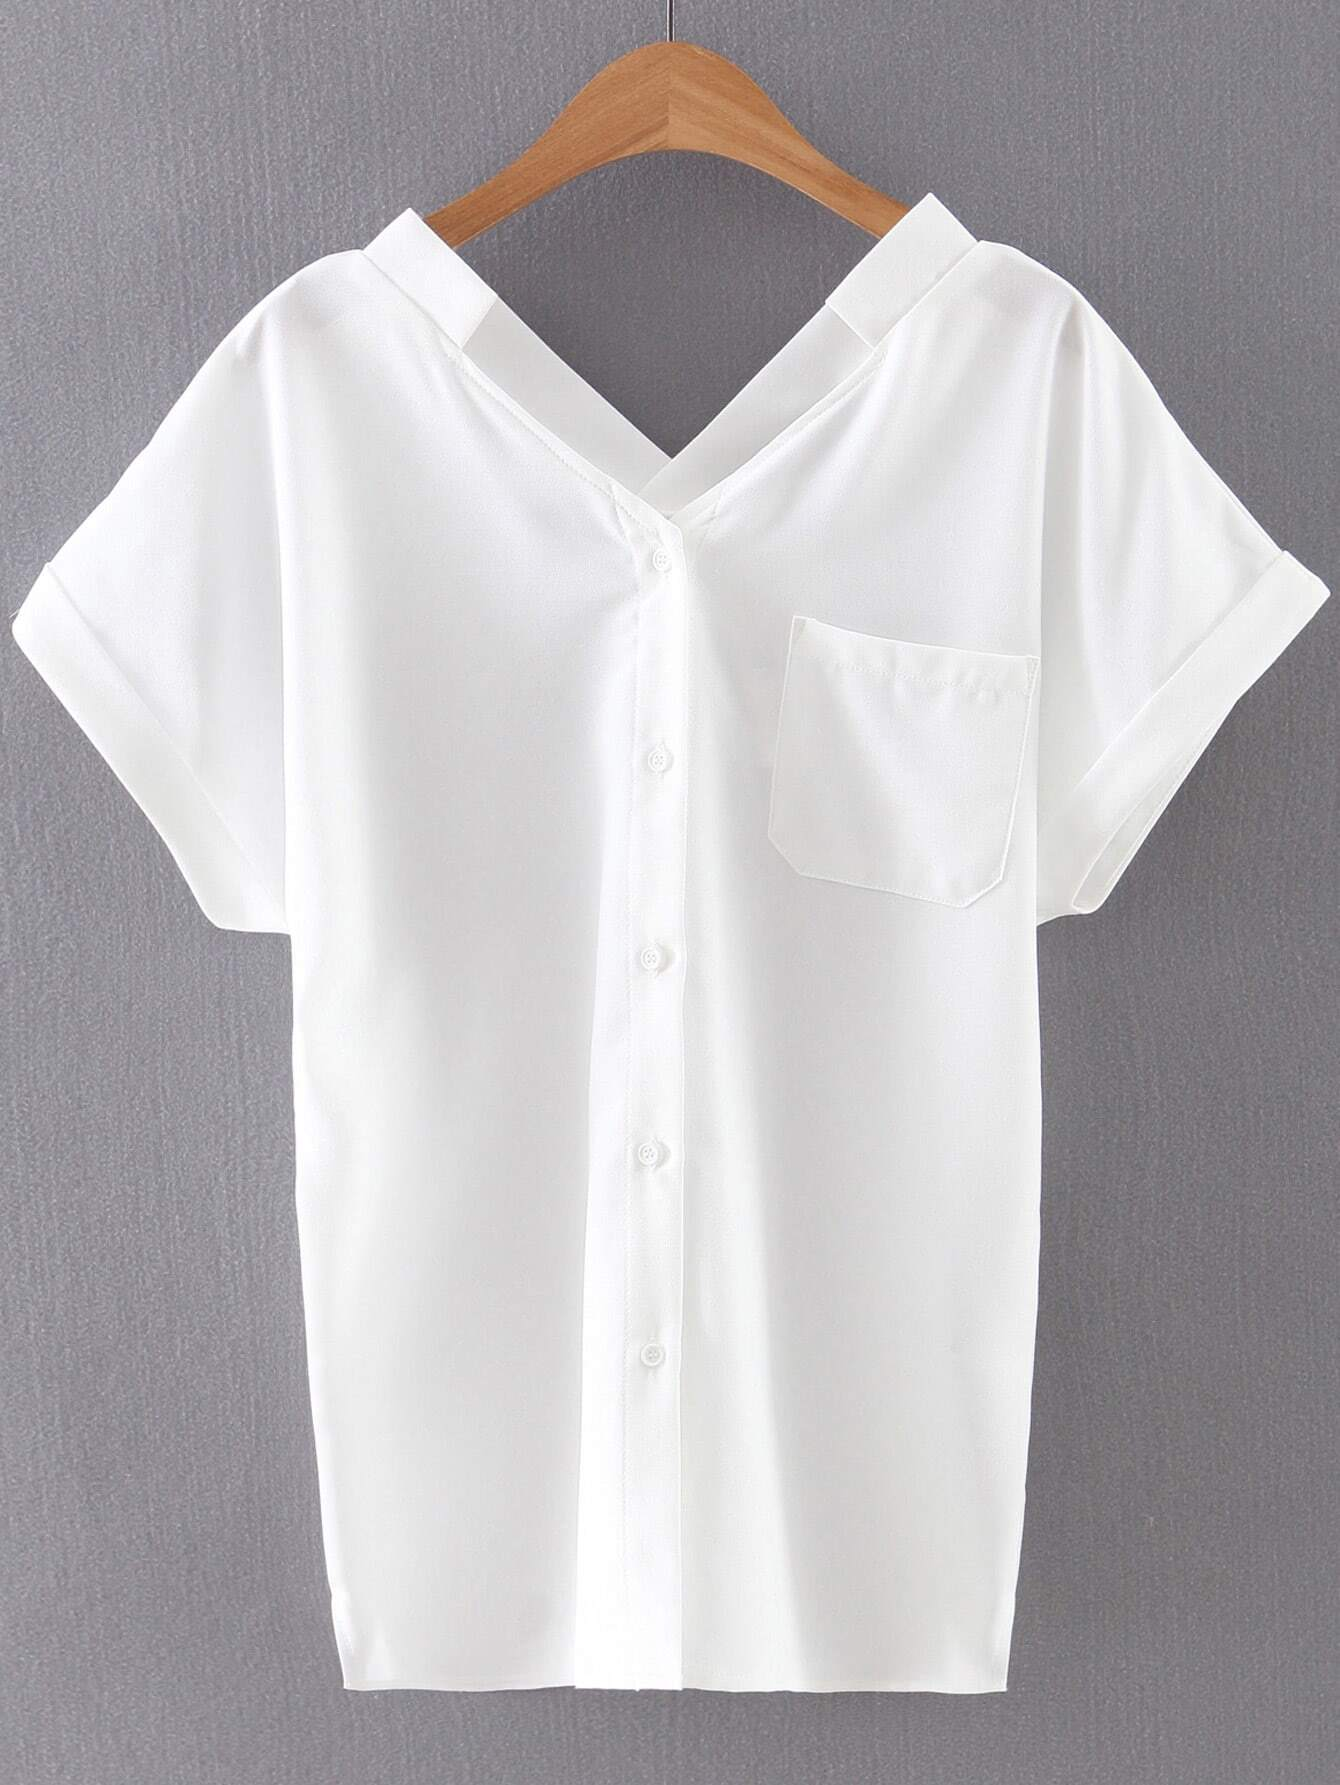 Белая Блузка Из Шифона С Доставкой